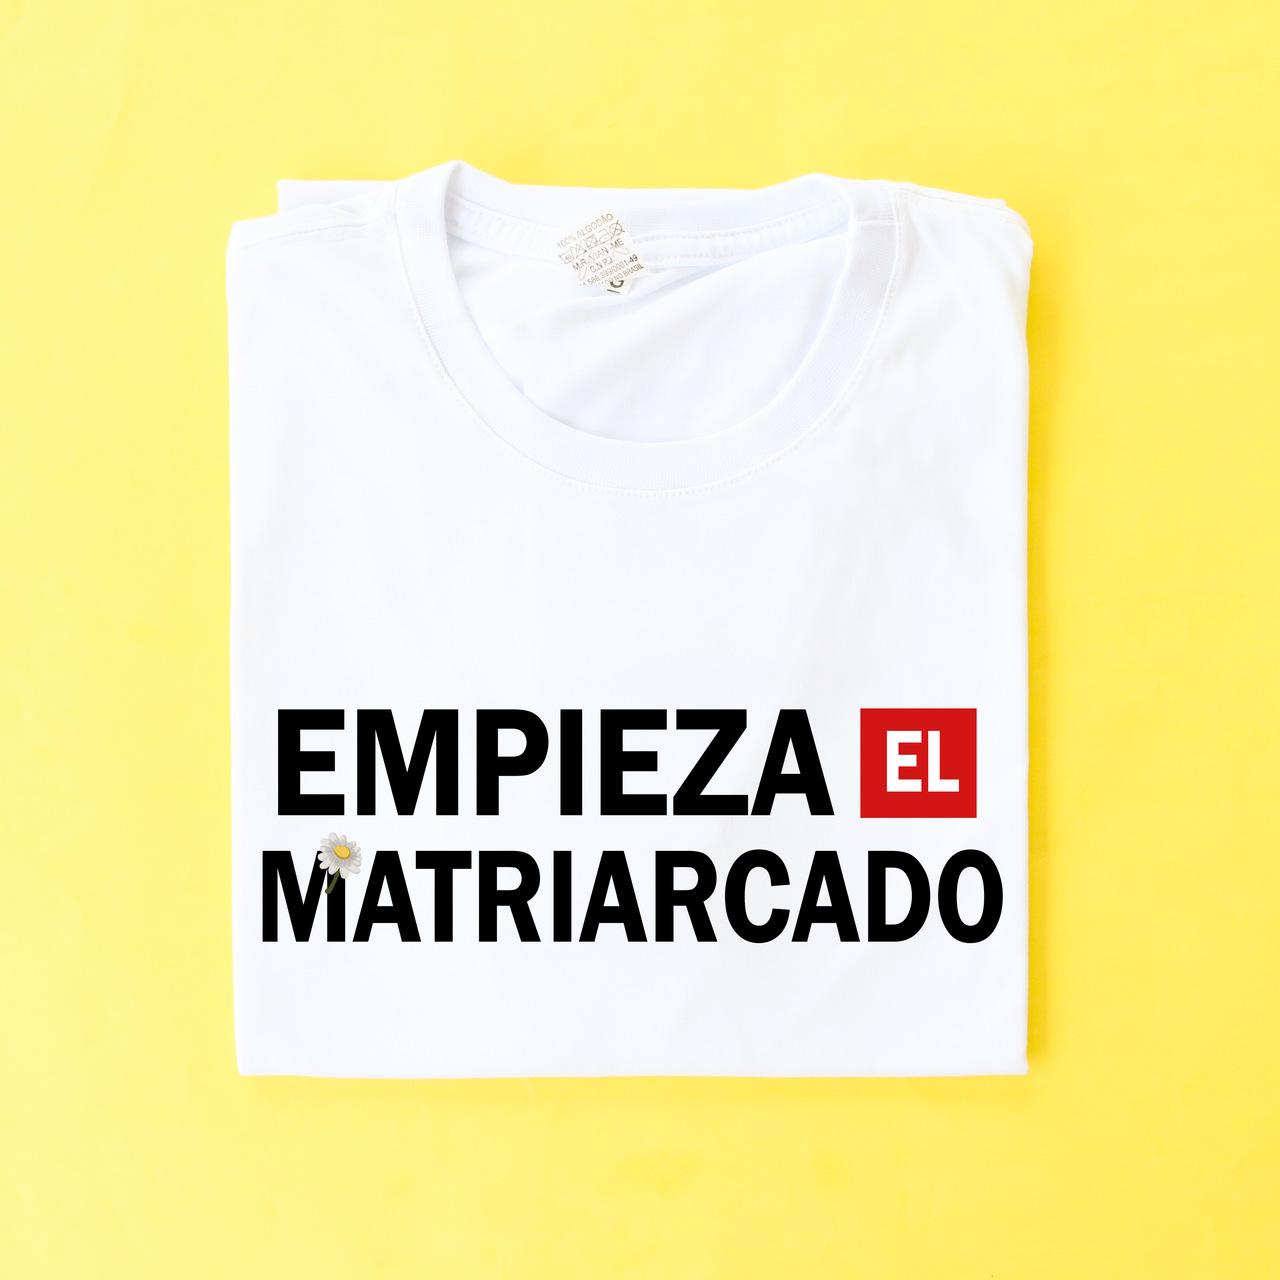 Camiseta La Casa Empieza El Matriarcado